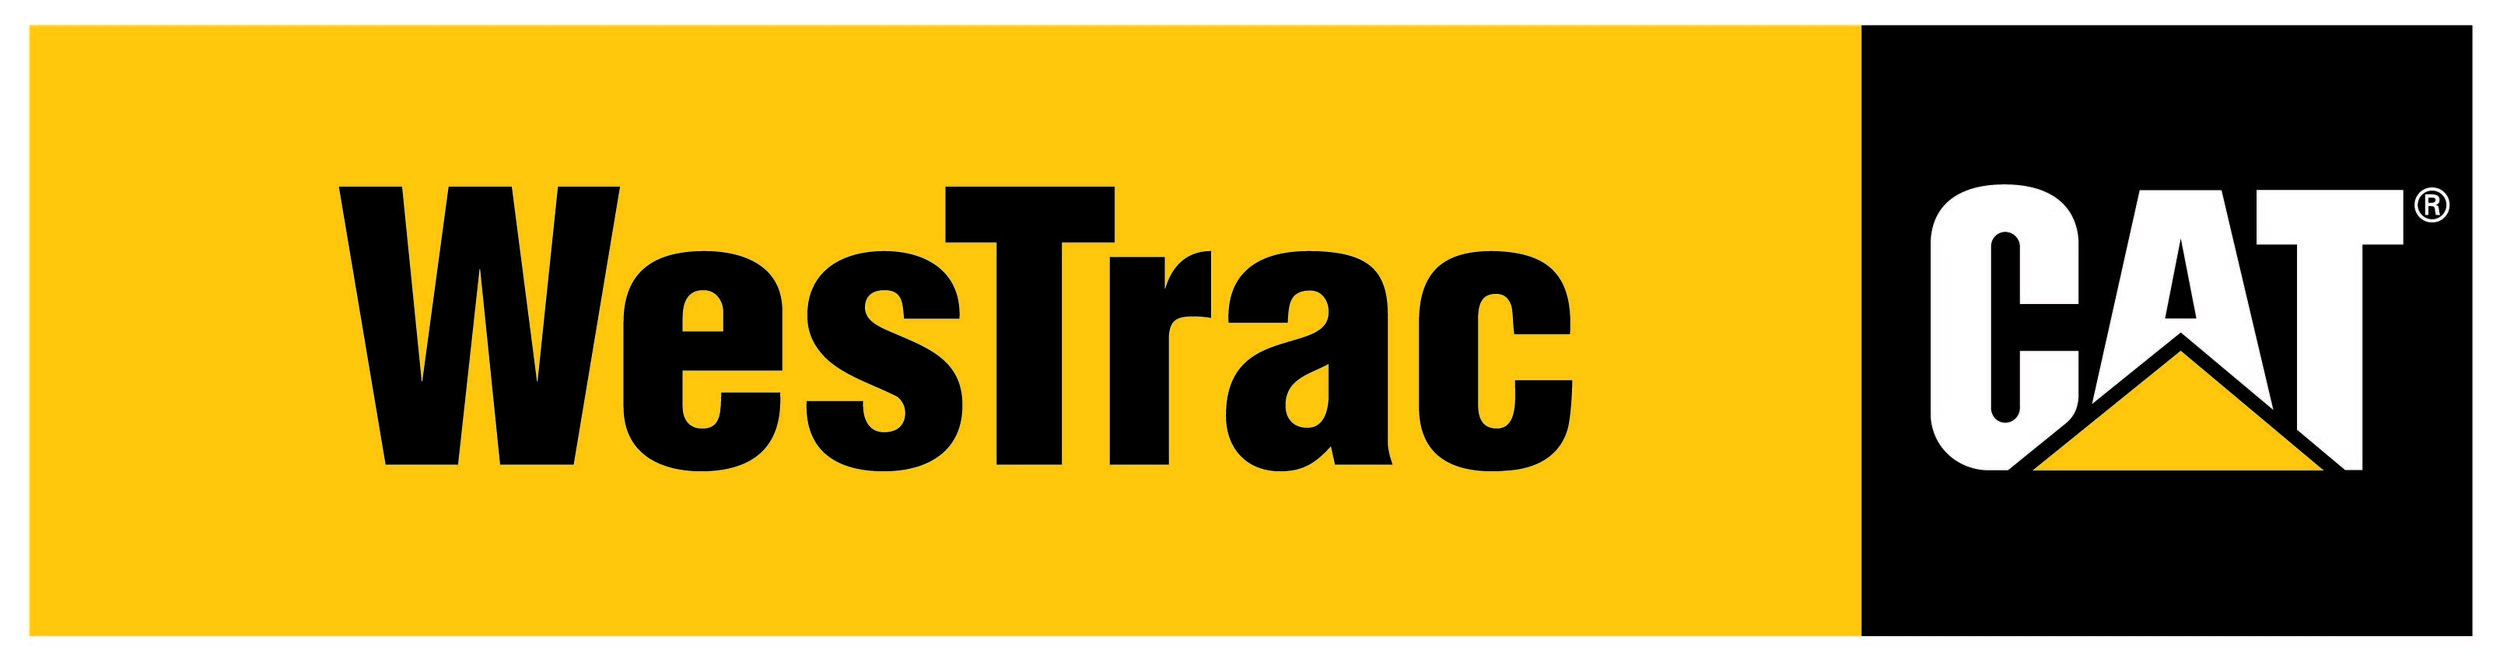 WesTrac_logo.jpg